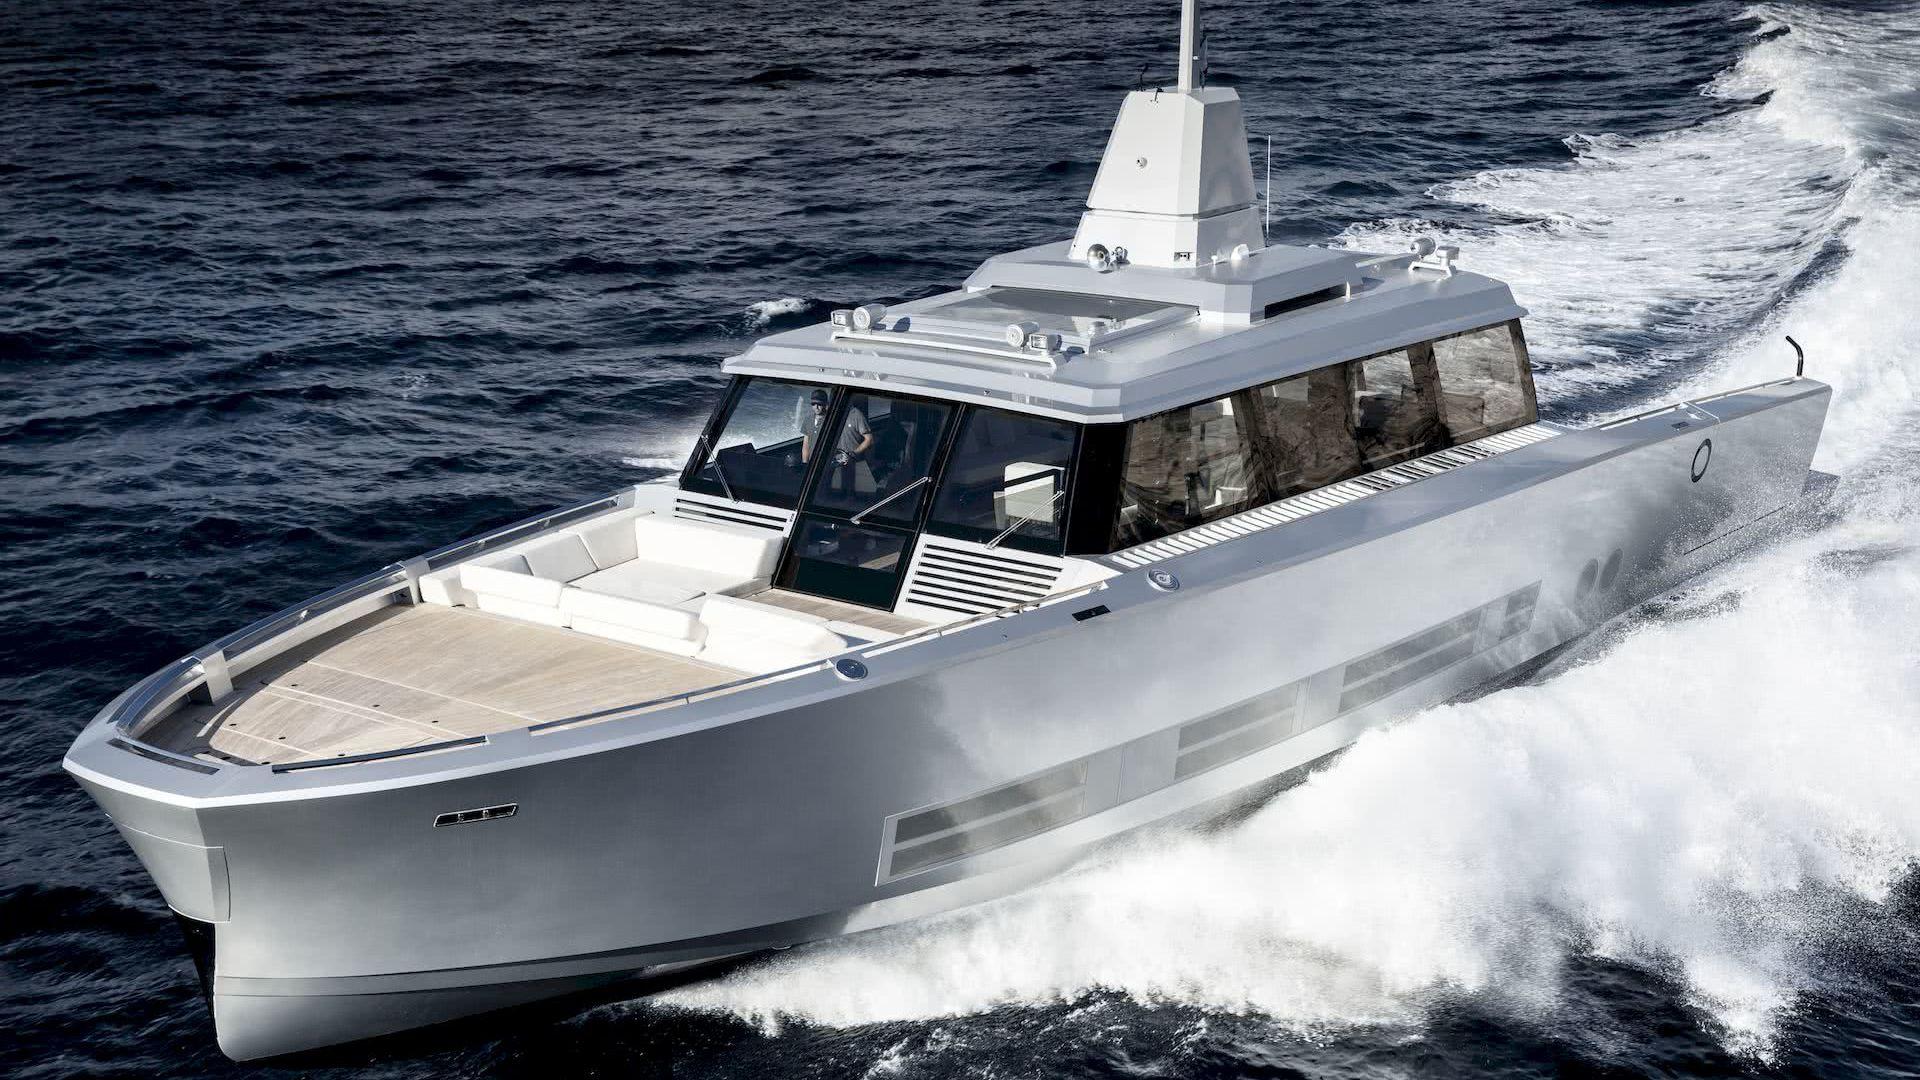 Atlantico Yacht Pastrovich